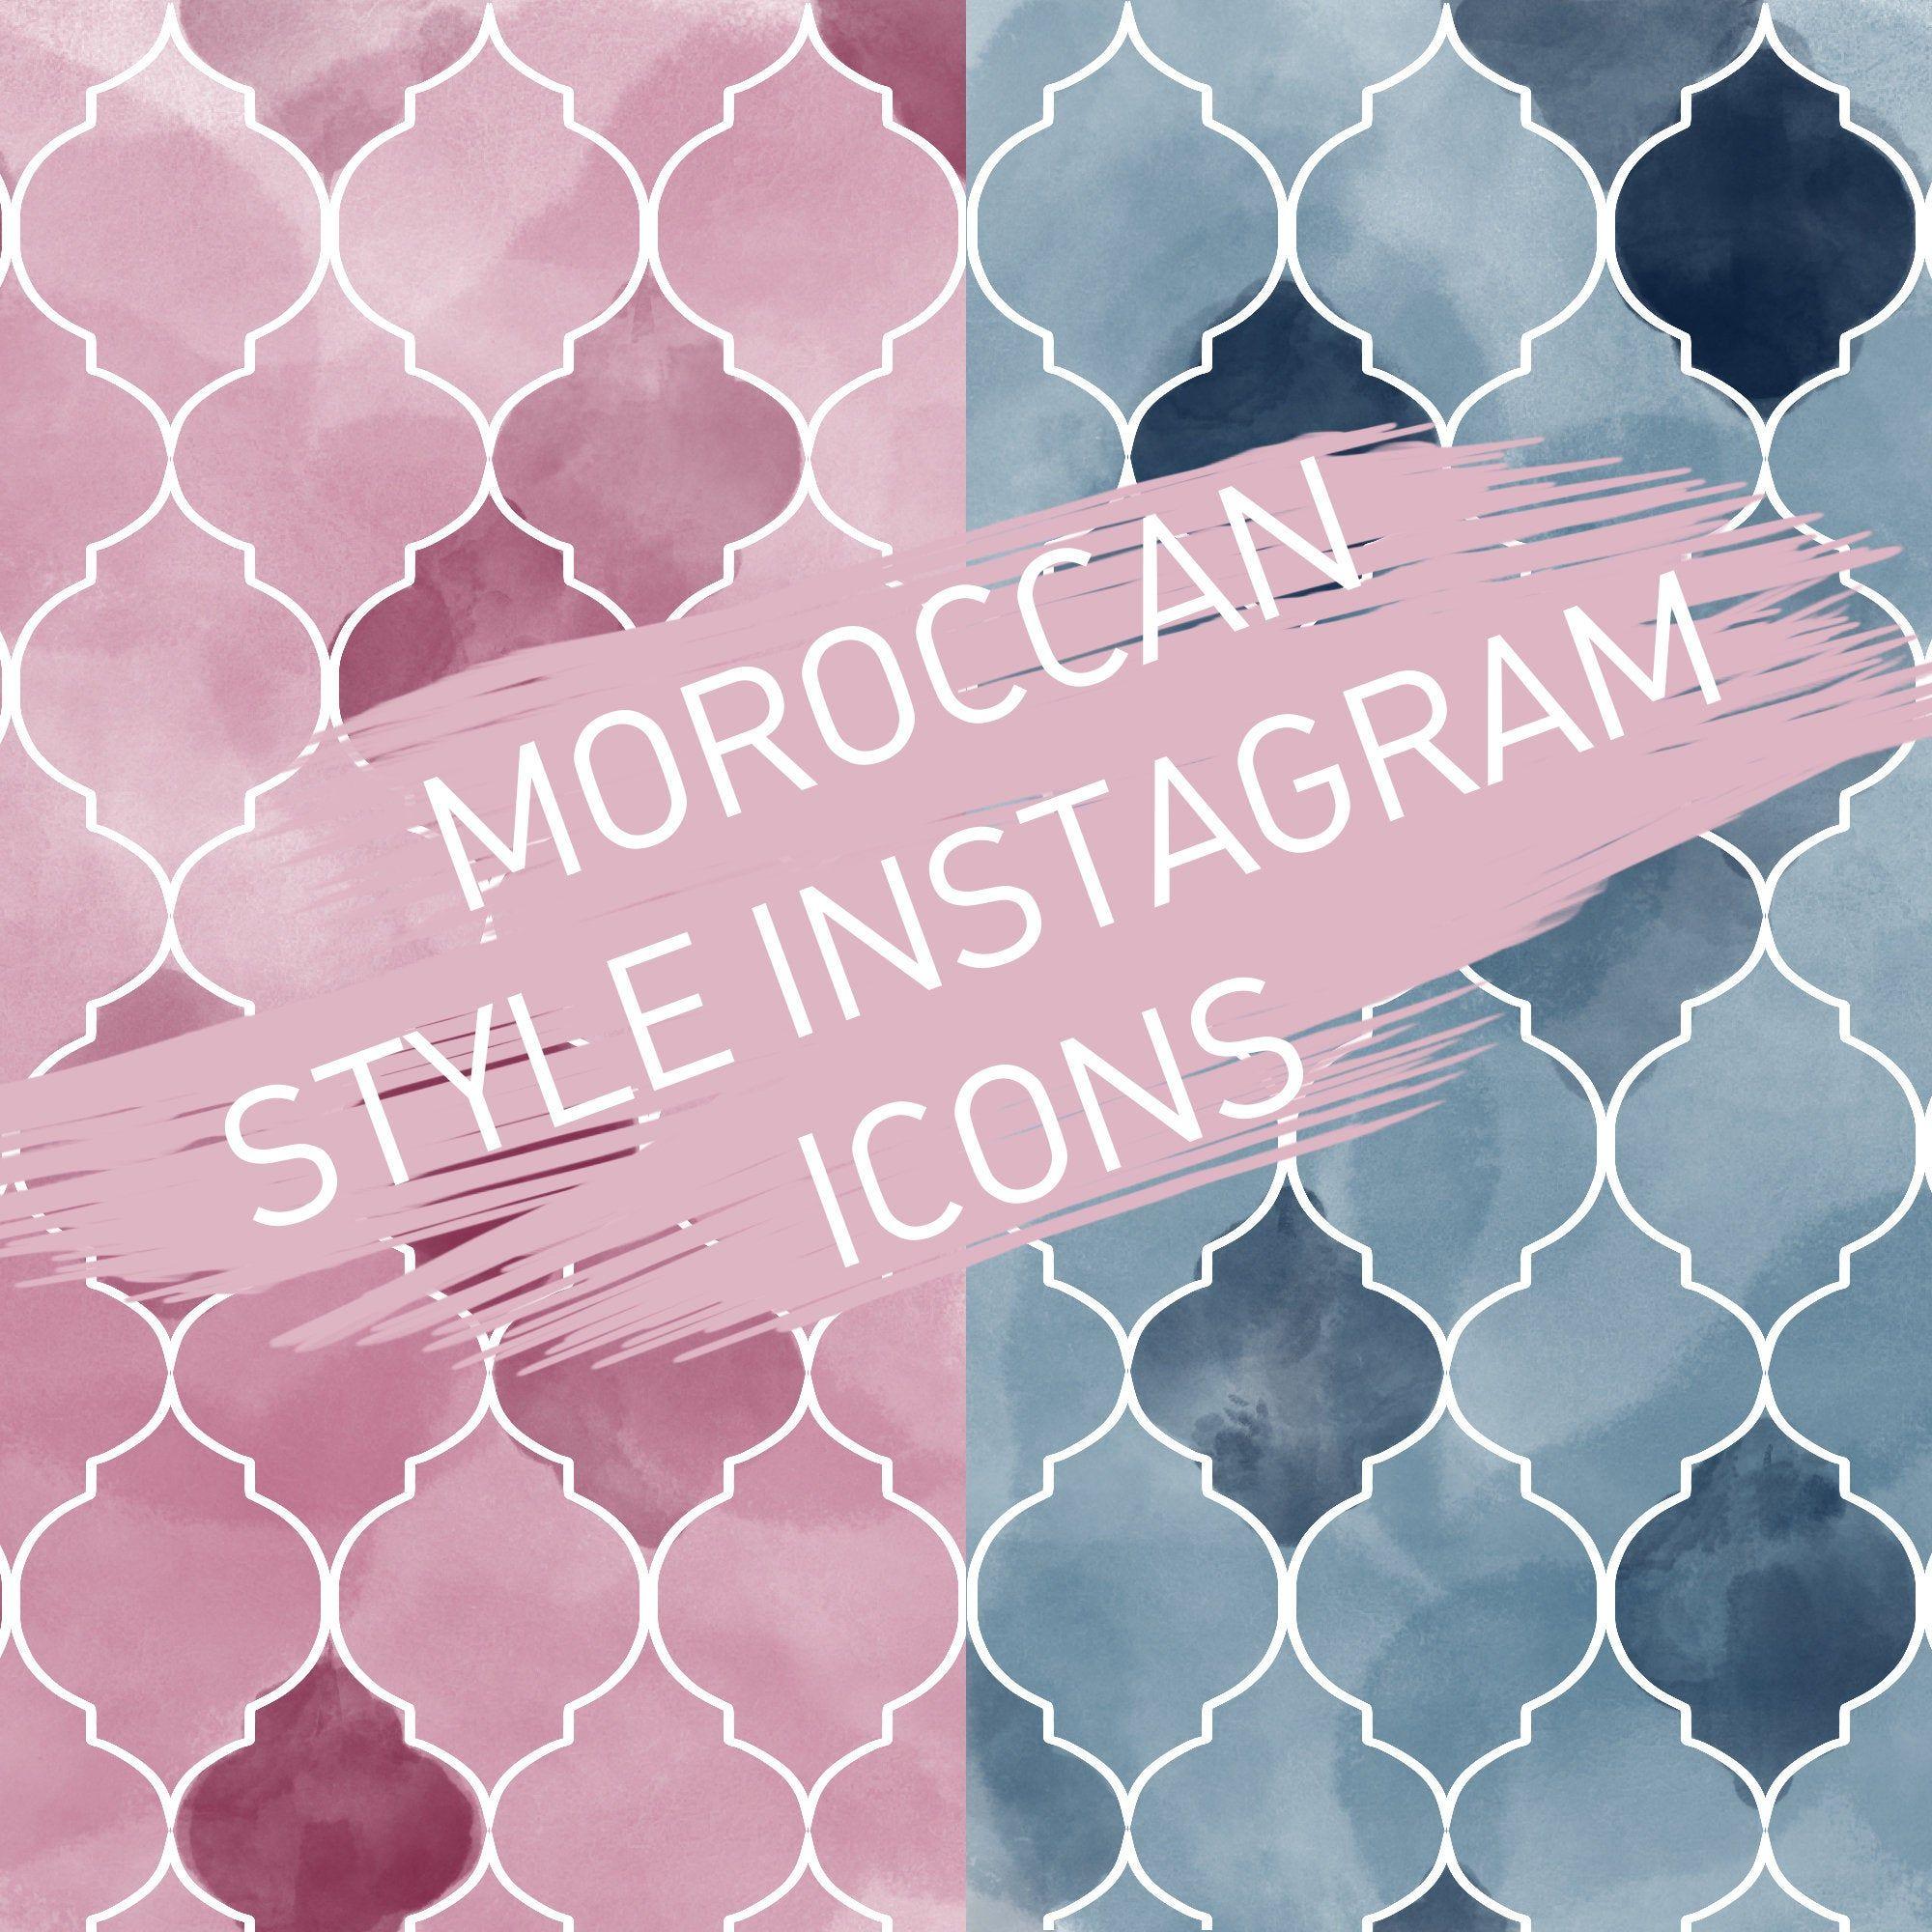 Moroccan Pattern Instagram Social Media Highlight Story Icons Pink Blue Moroccan Pattern Instagram Icons Social Media Instagram